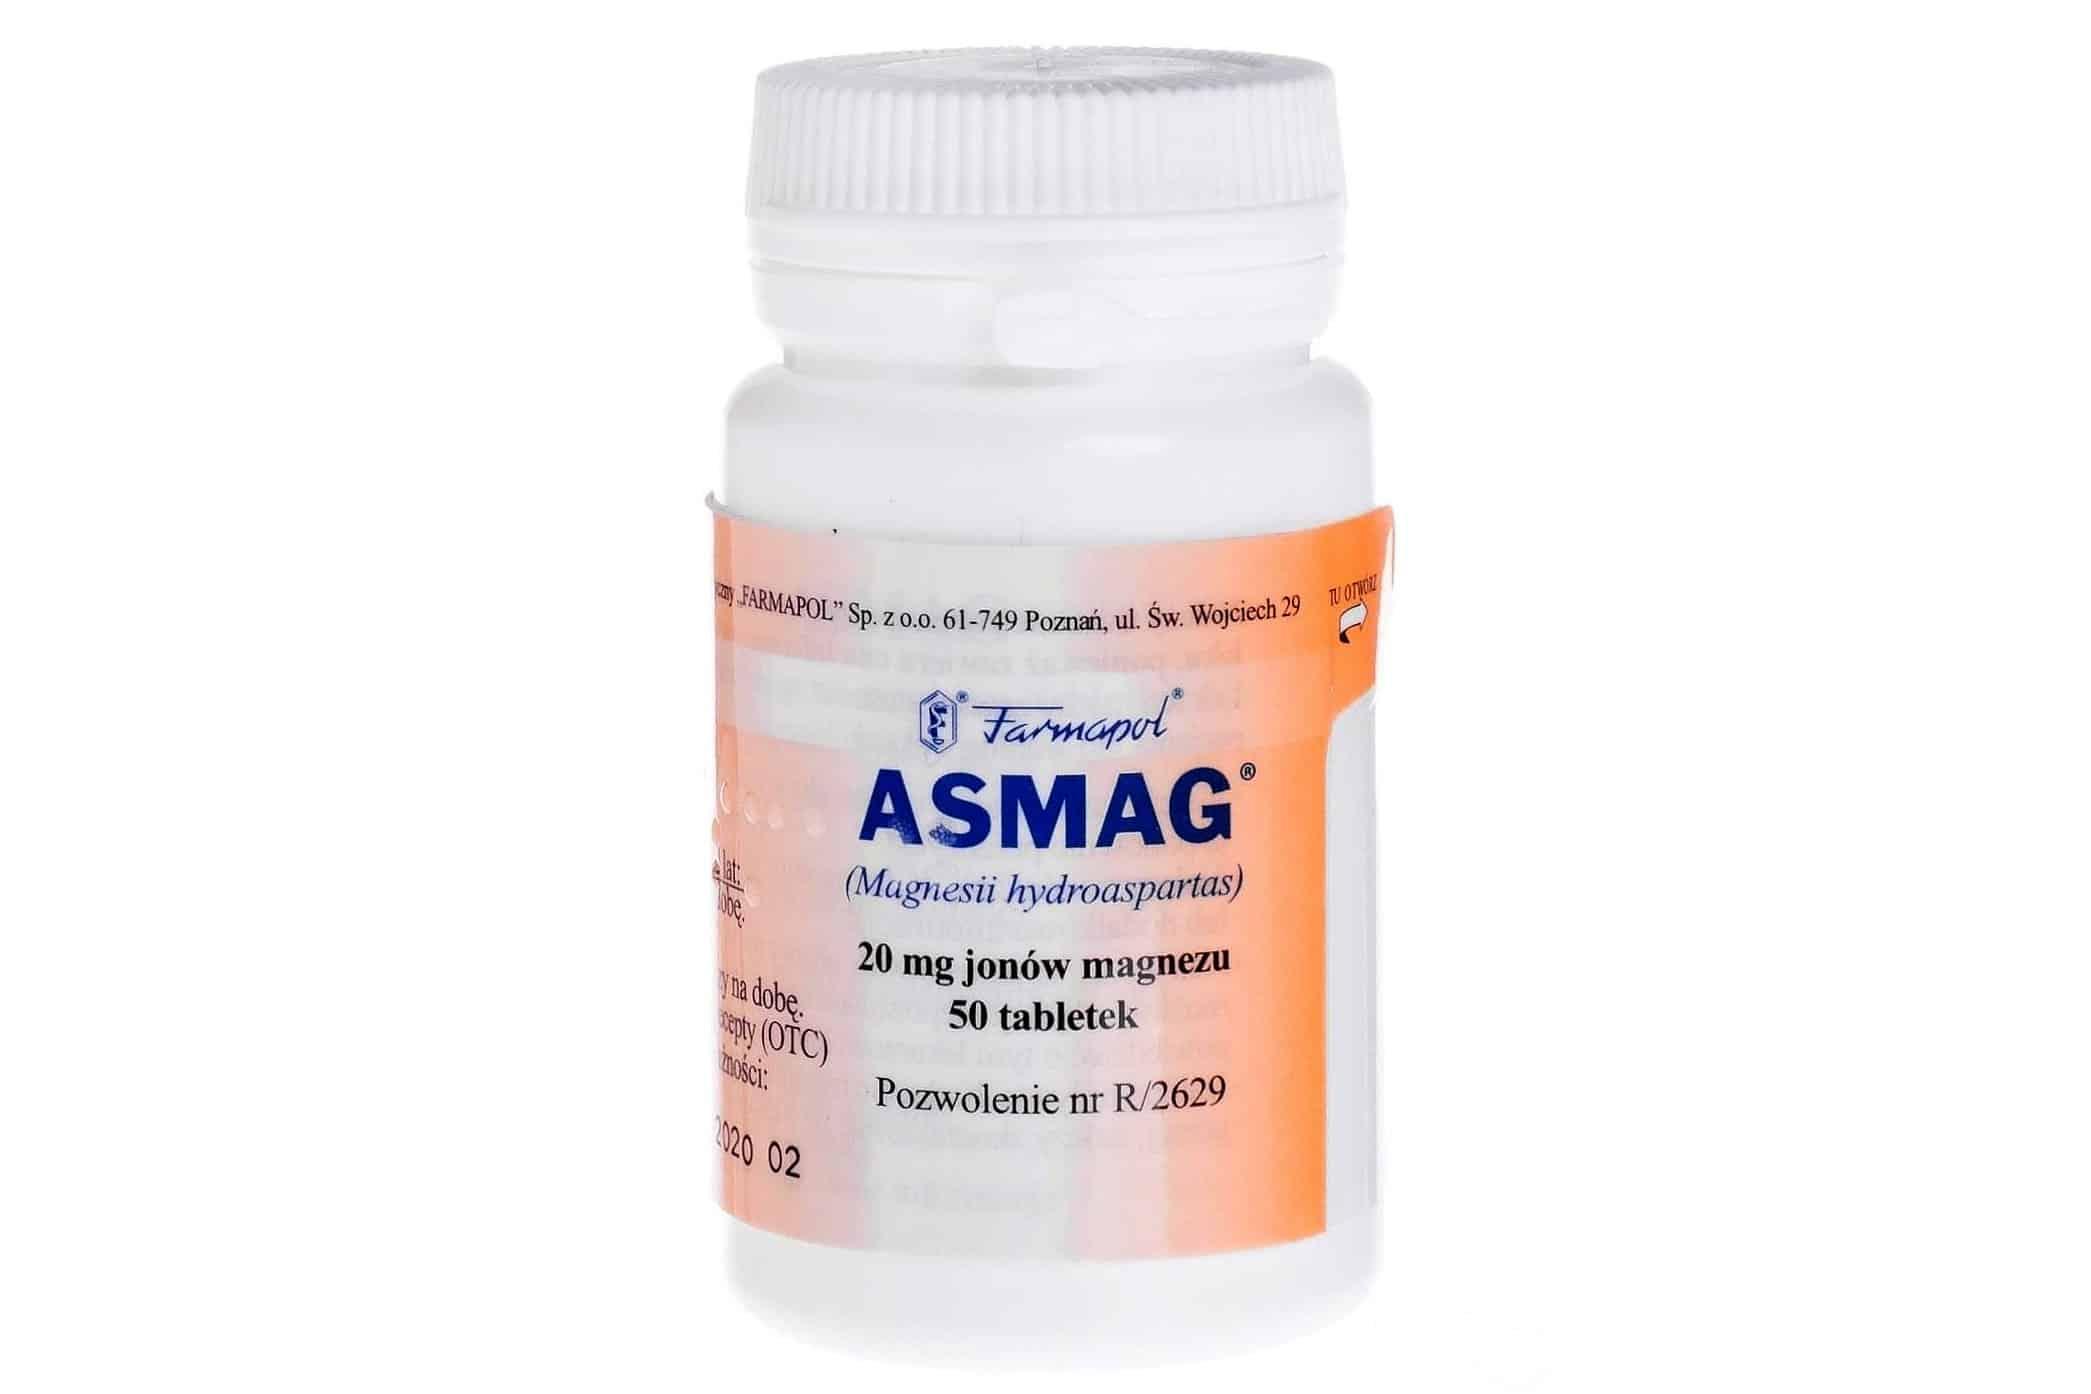 Asmag, magnez dla dzieci idorosłych, lek, Matka Aptekarka